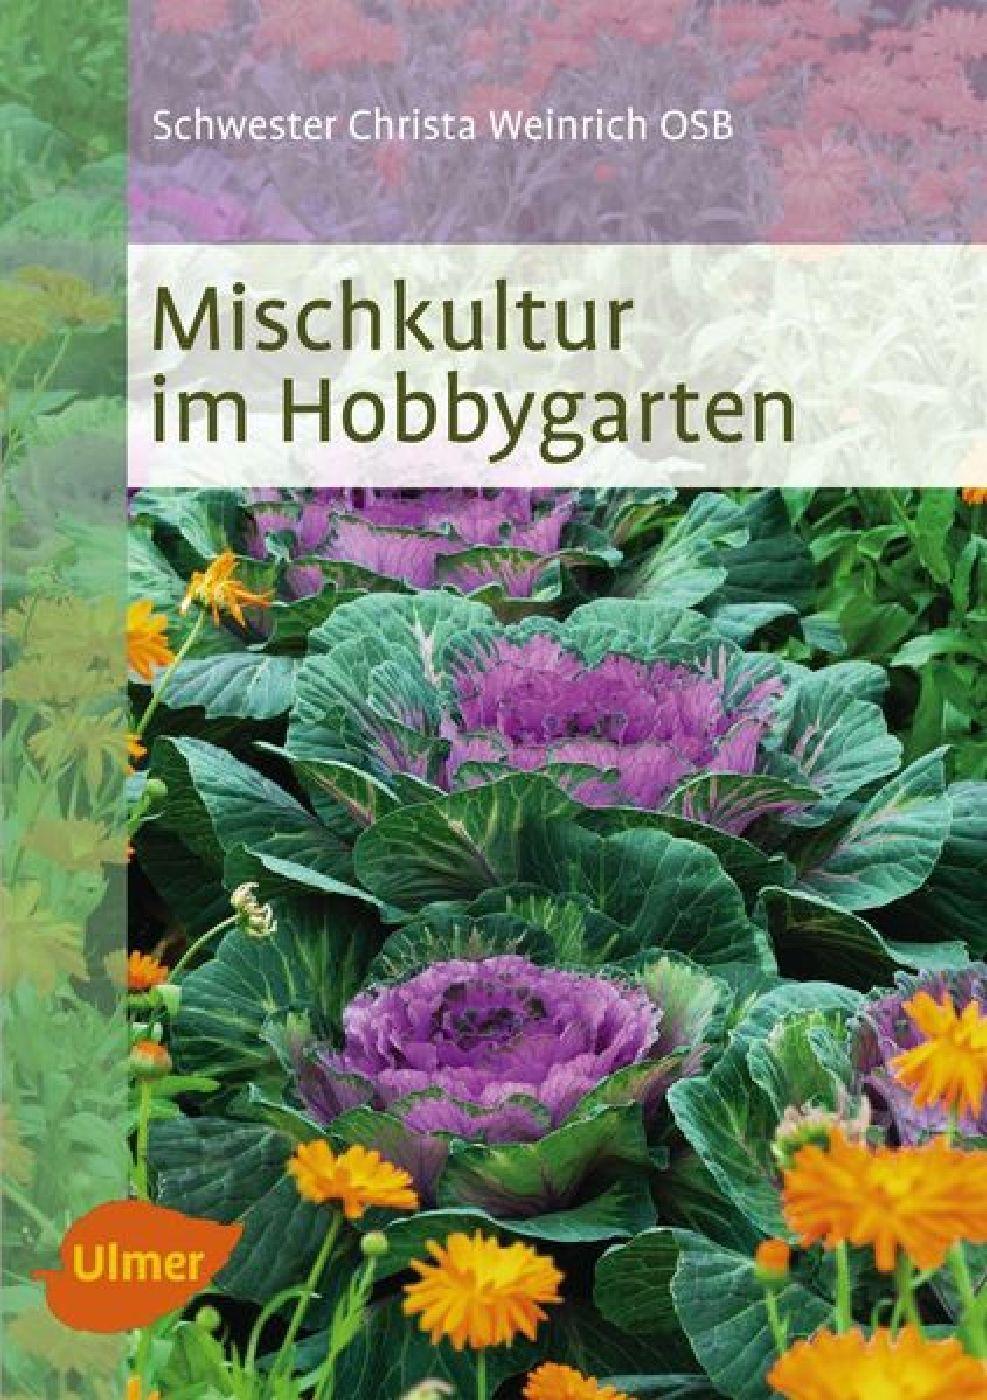 Mischkultur im Hobbygarten Christa Weinrich 5e29d2202ac17 900x900 2x